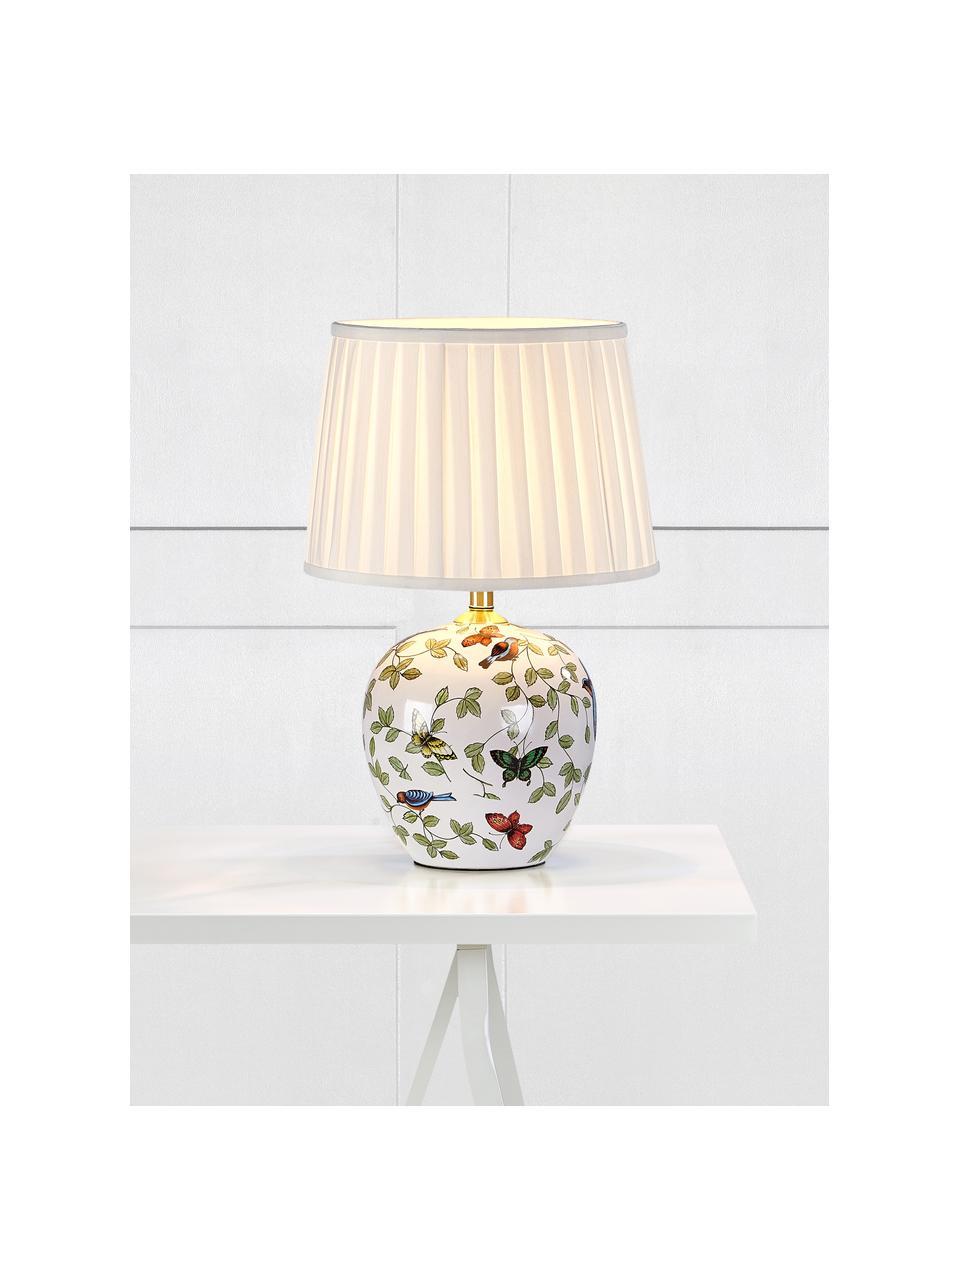 Keramik-Tischlampe Mansion, Lampenschirm: Textil, Lampenfuß: Keramik, Weiß, Mehrfarbig, Ø 31 x H 45 cm